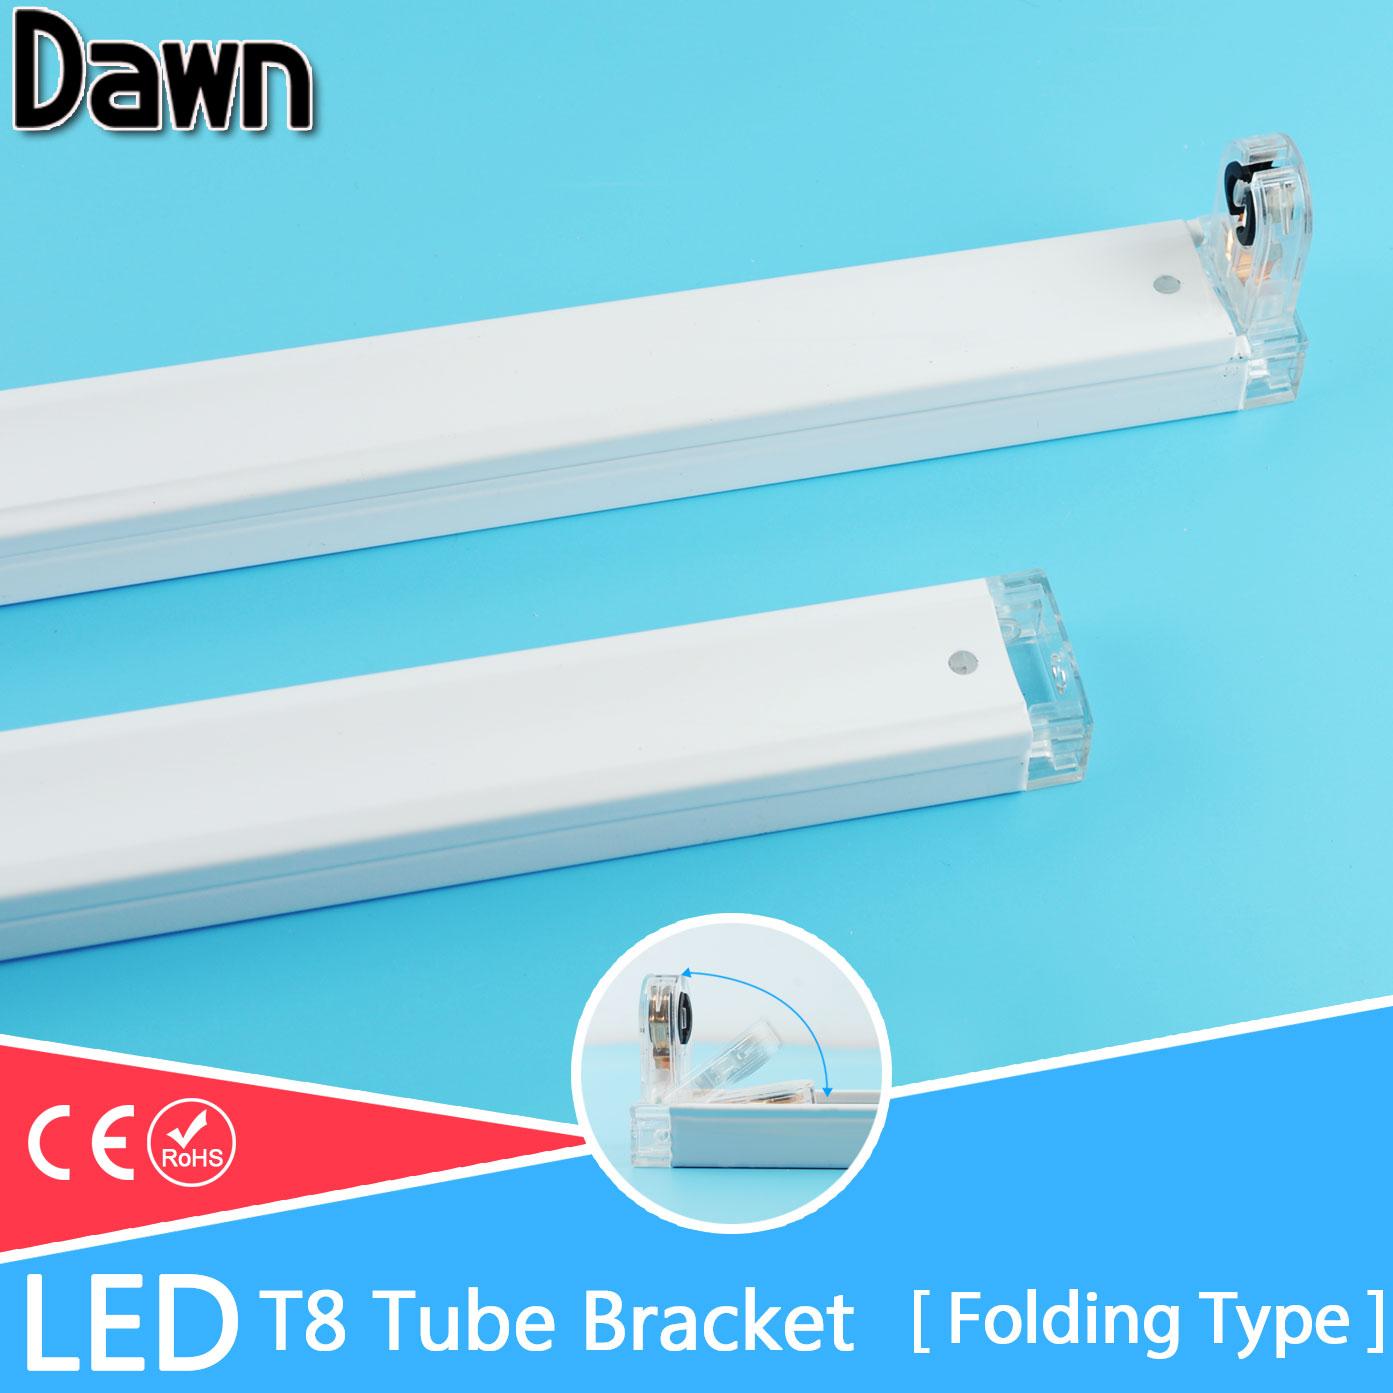 envo libre tipo plegable accesorios soporte para ft t llev el tubo cm mm lmpara